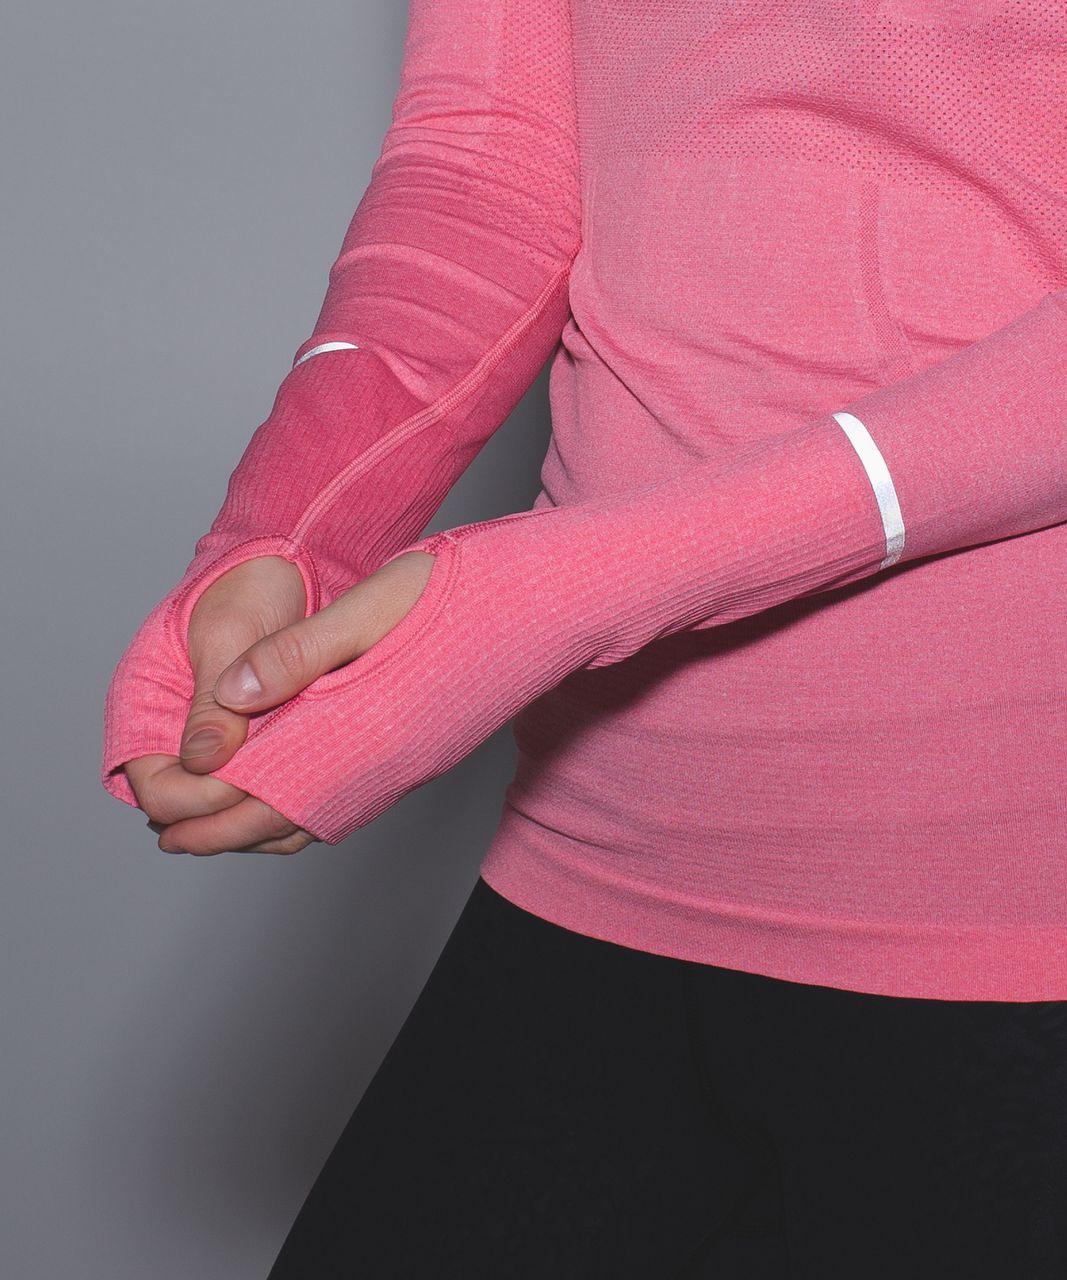 Lululemon Swiftly Tech 1/2 Zip - Heathered Pink Lemonade